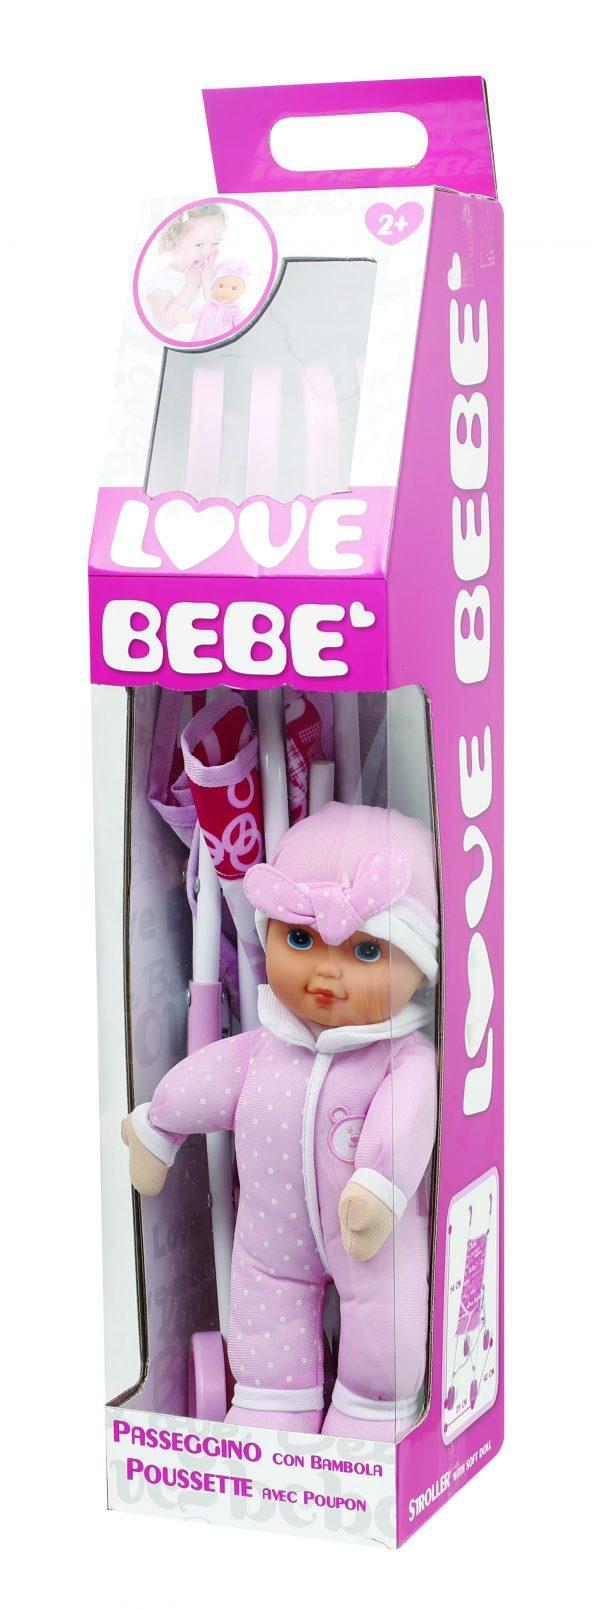 Passeggino in metallo con bambola soft ALTRI Femmina 0-2 Anni, 12-36 Mesi, 3-4 Anni, 3-5 Anni, 5-8 Anni, 8-12 Anni LOVE BEBÈ